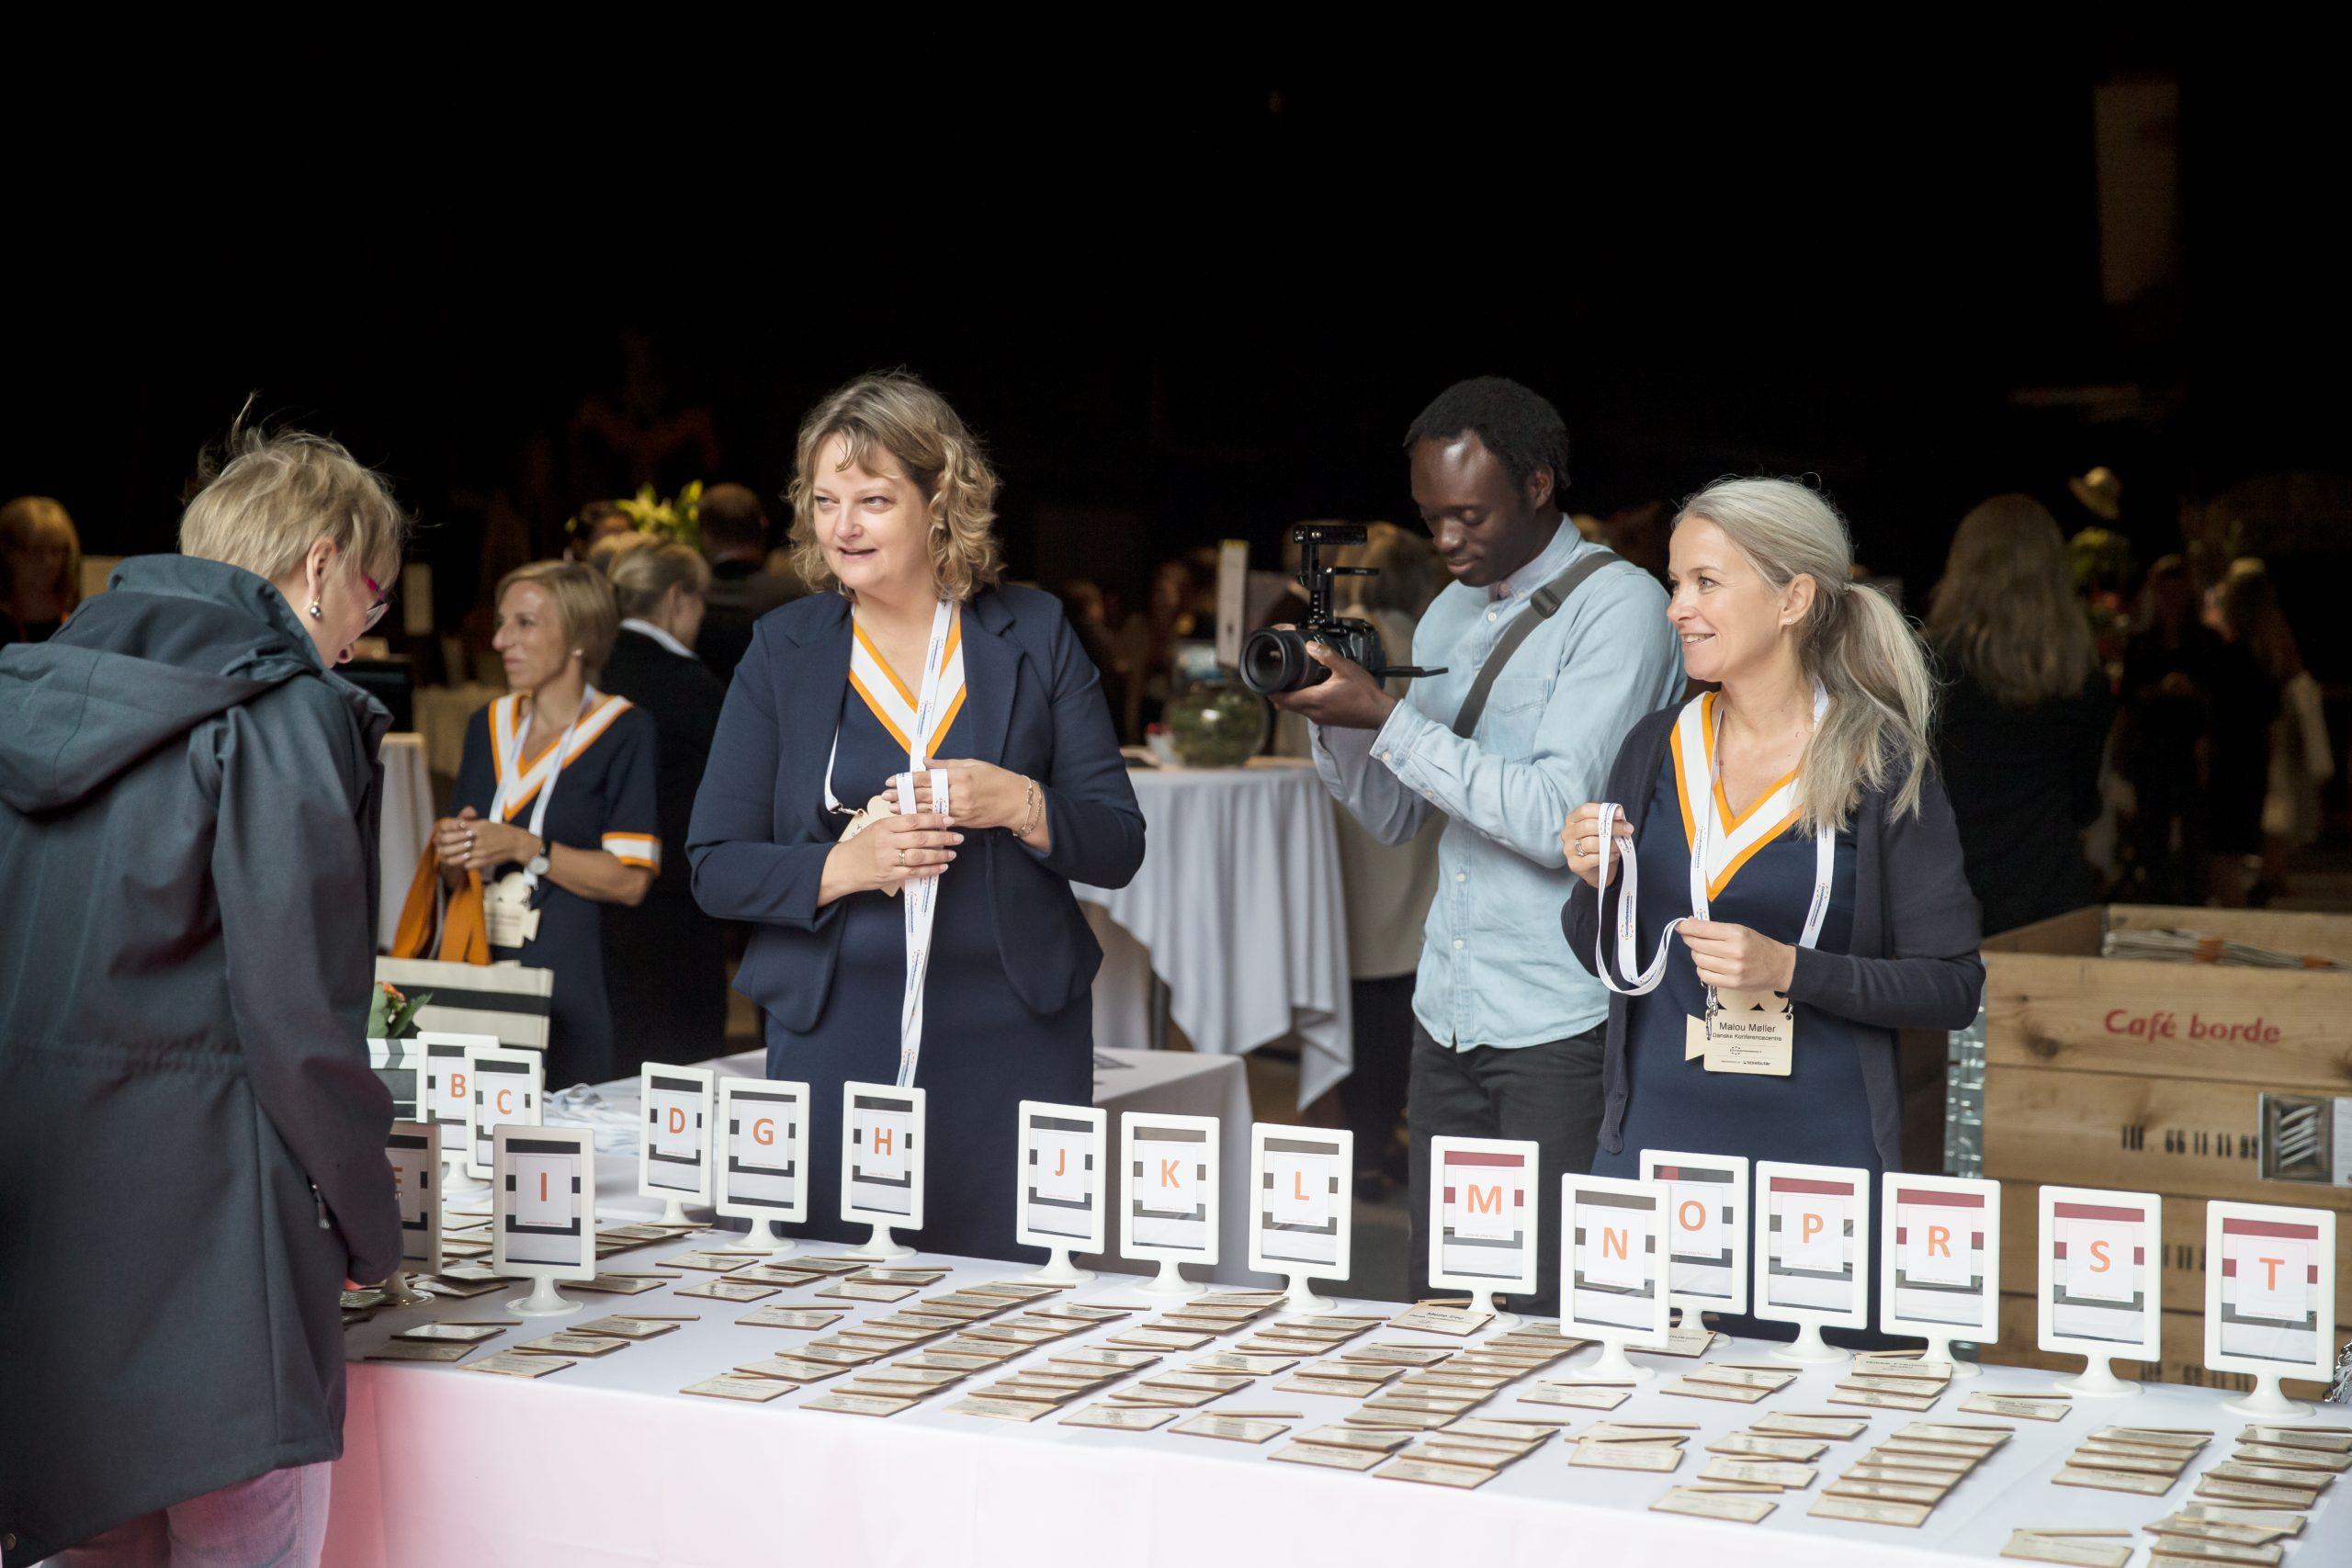 Dansk Industri ønsker allerede fra næste uge forsamlingsloftet hævet fra de nuværende fem til 25, og helt afskaffes til sommer. Blandt HORESTA's ønsker til genåbning er afskaffelse af kravet om coronapas ved udendørs servering. Arkivpressefoto fra Danske Konferencecentre.